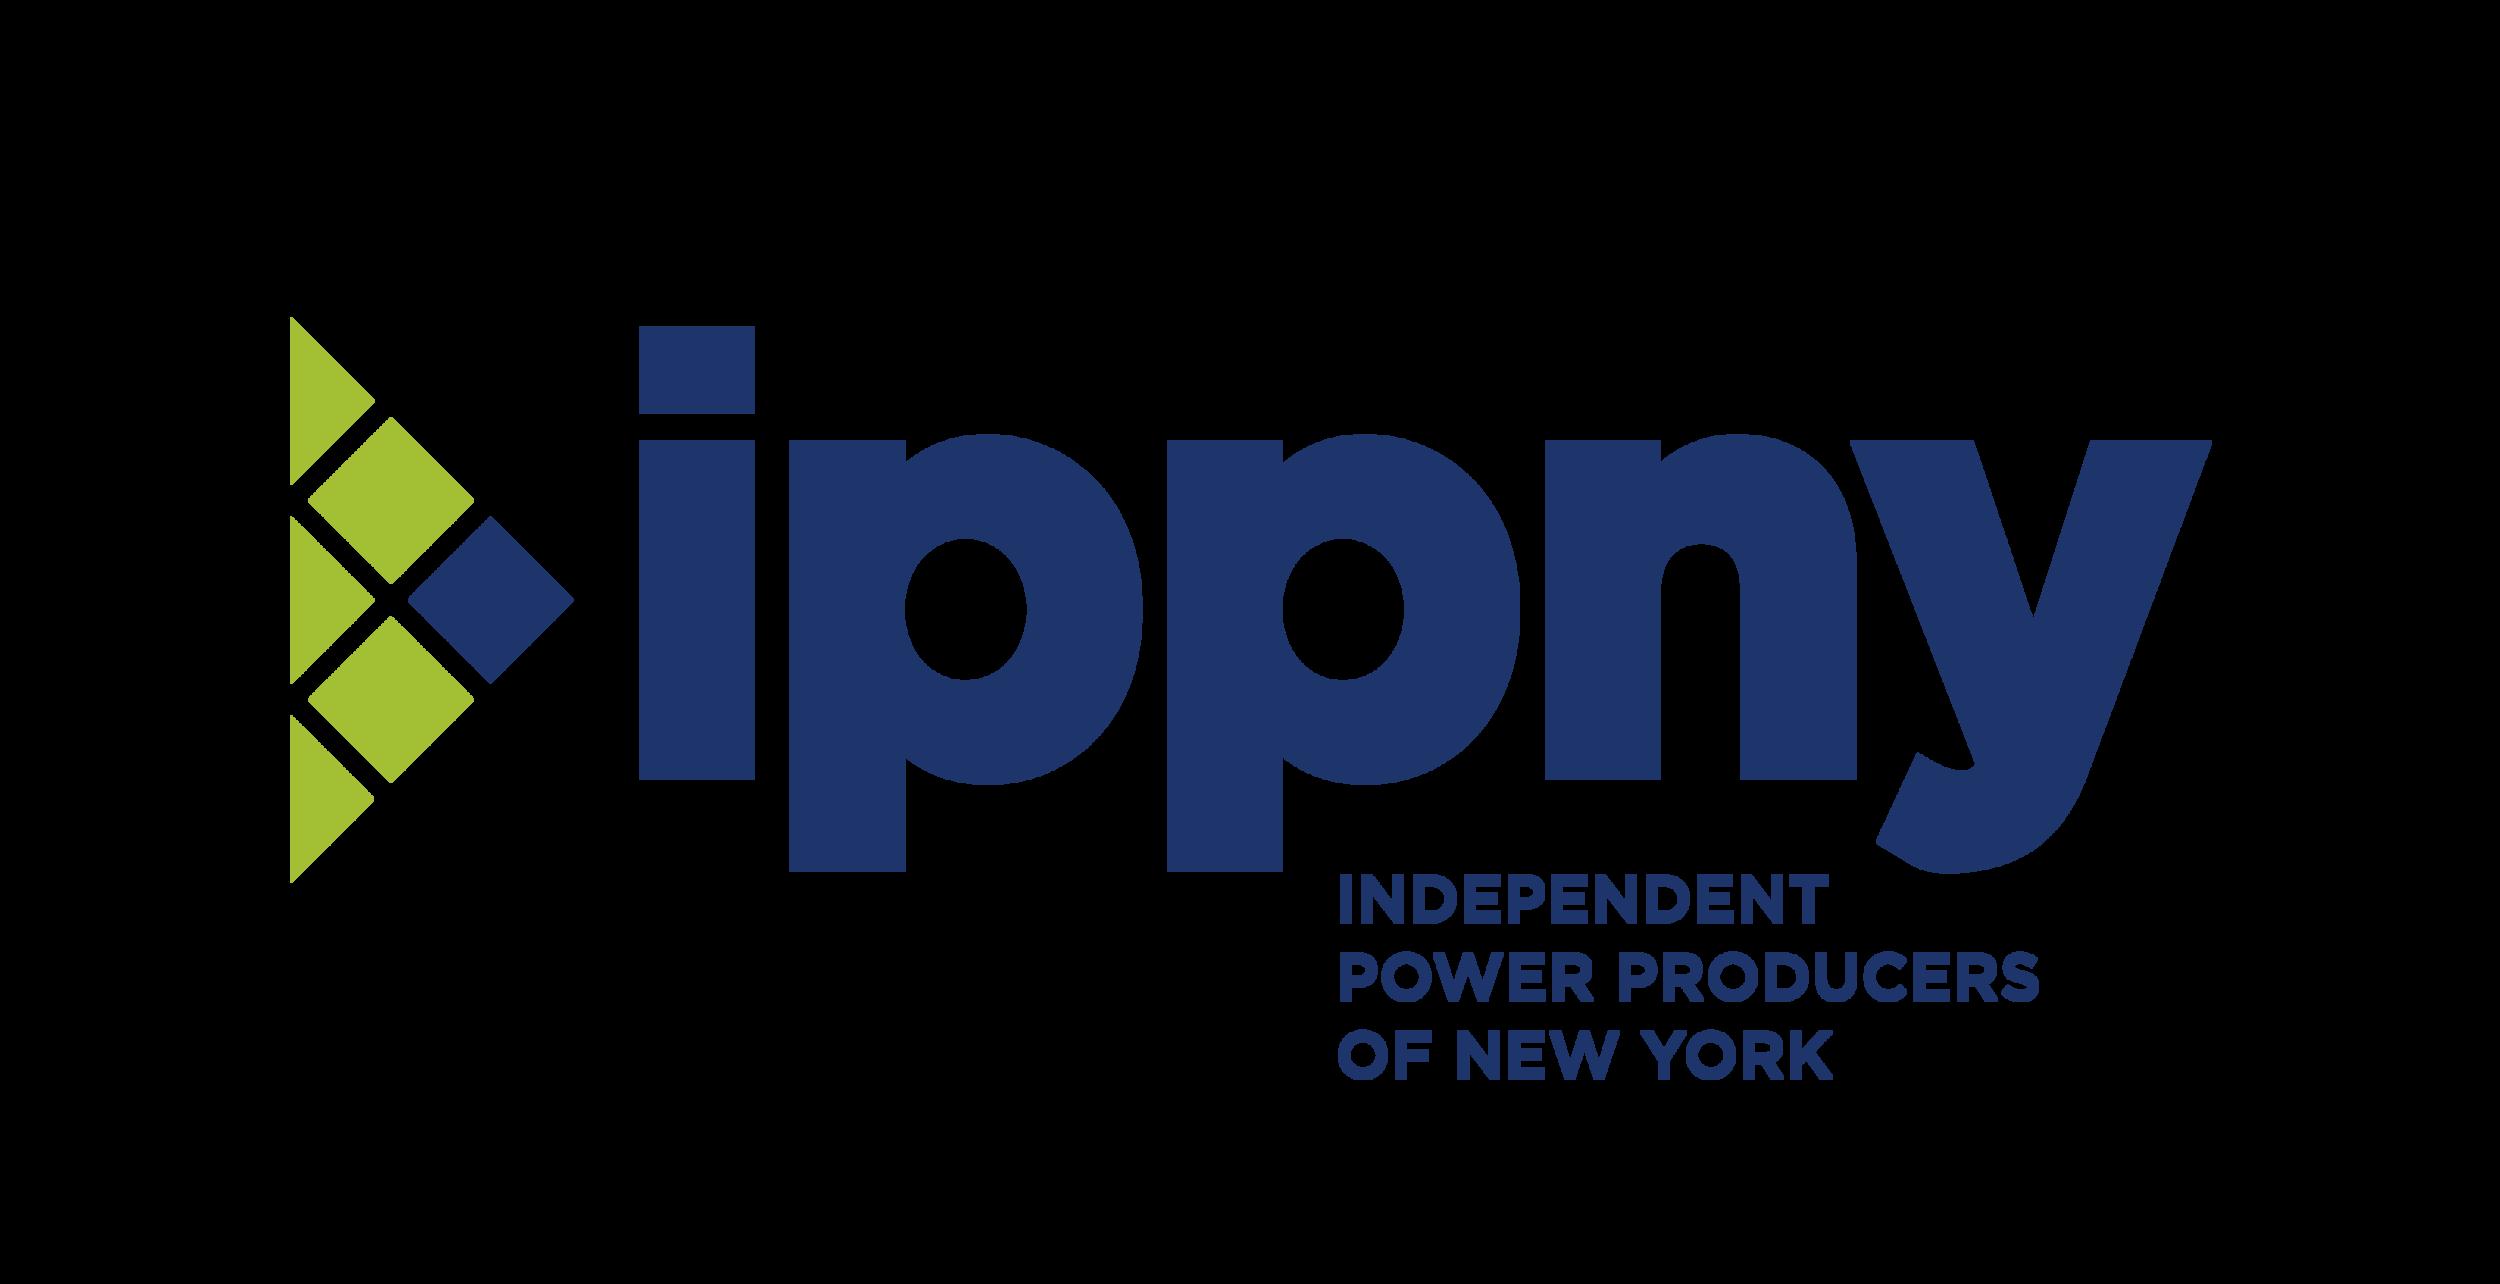 IPPNY_Logo_Full.png